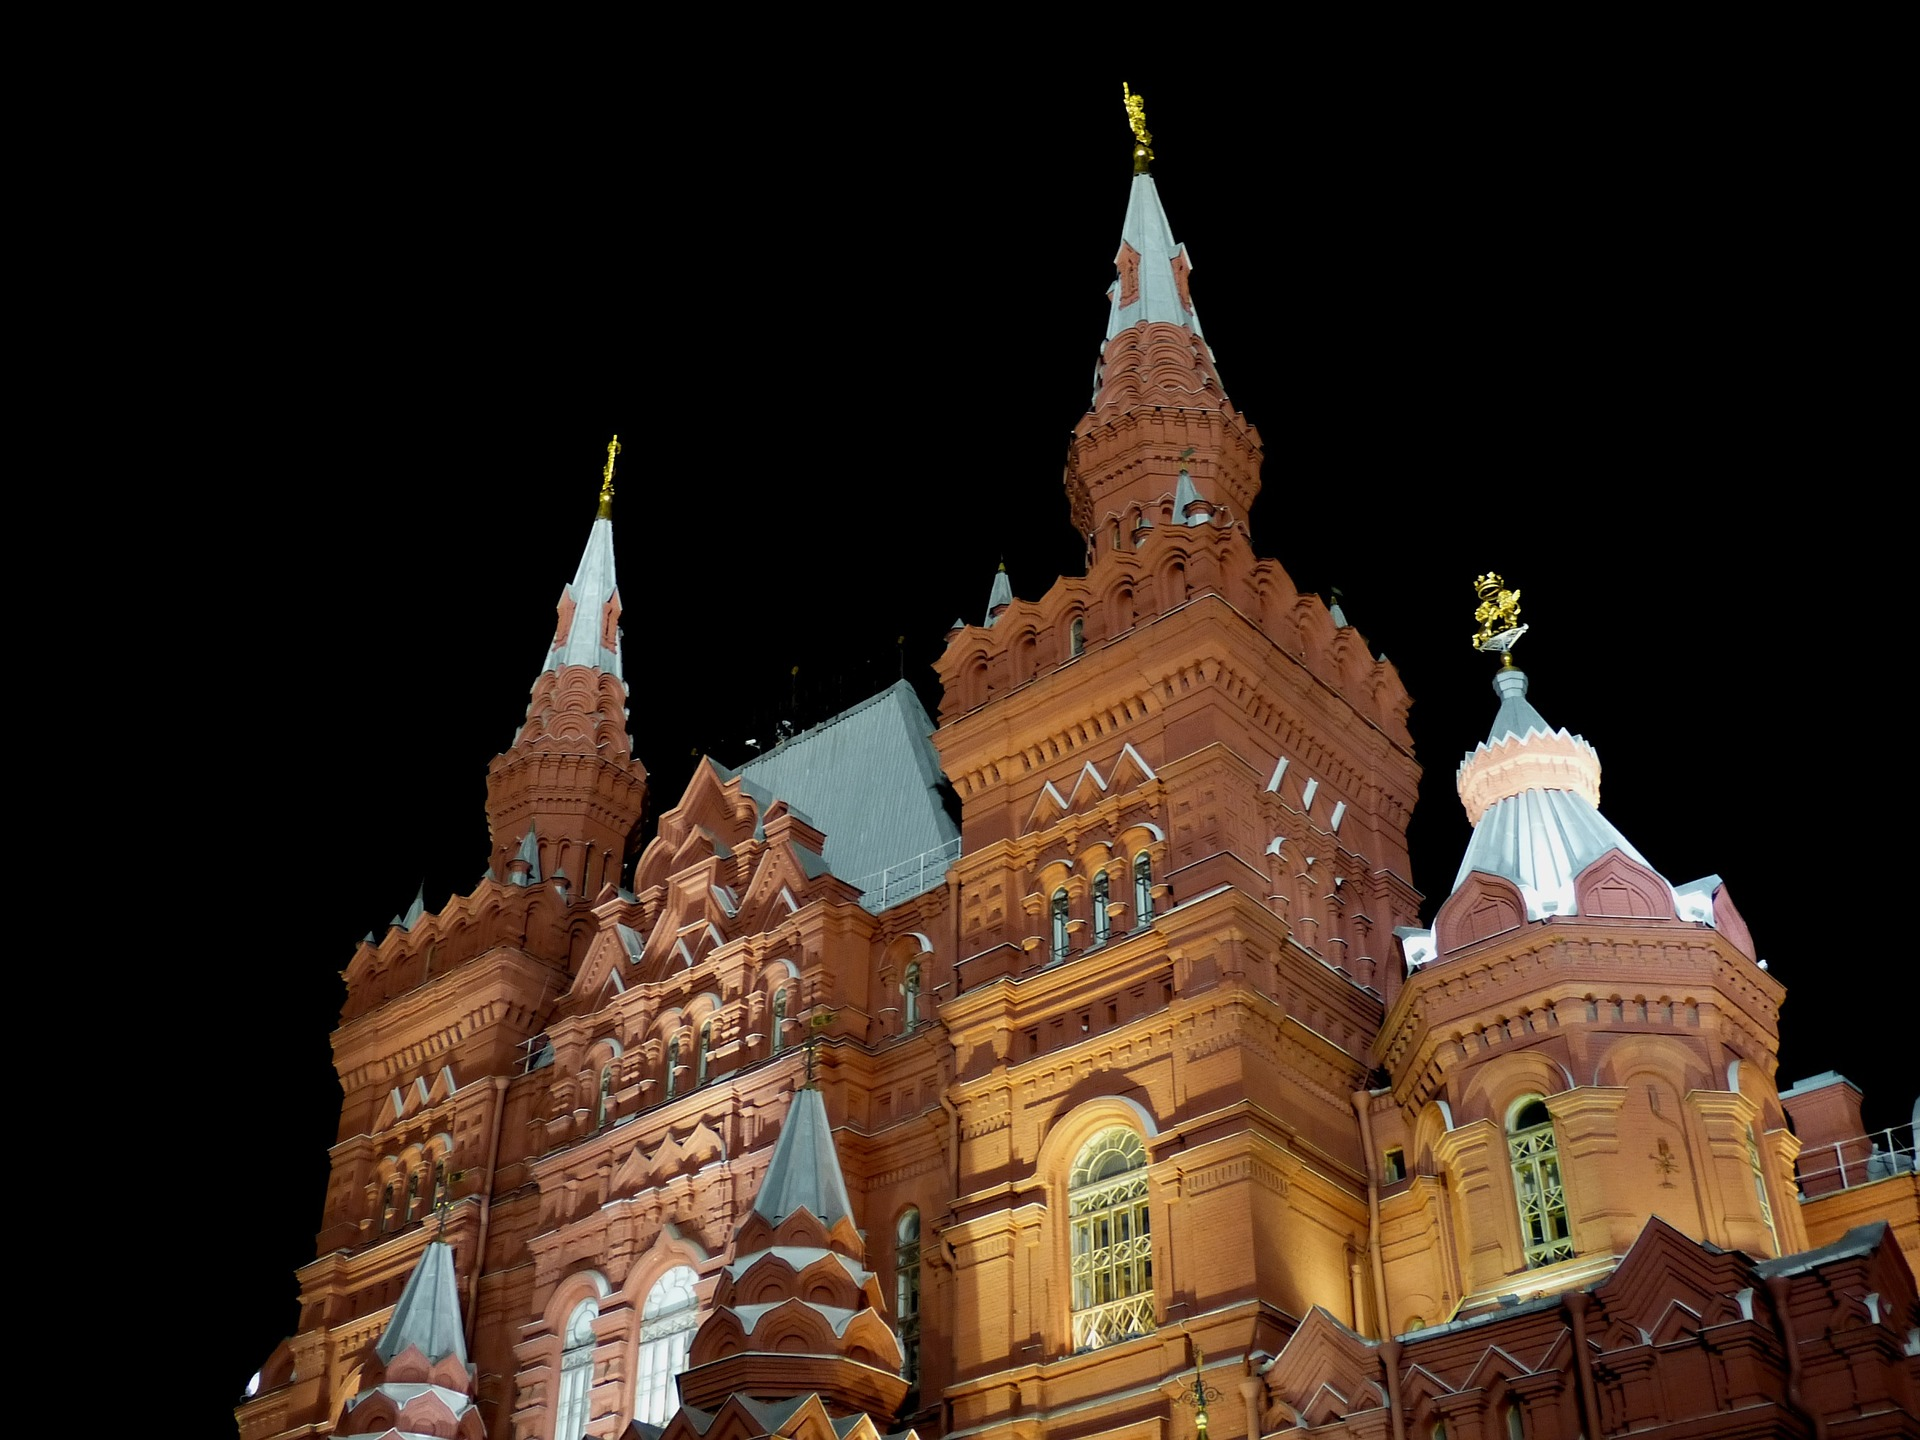 Smartfony w Rosji będą musiały mieć preinstalowane rosyjskie aplikacje. Inaczej - zakaz sprzedaży 16